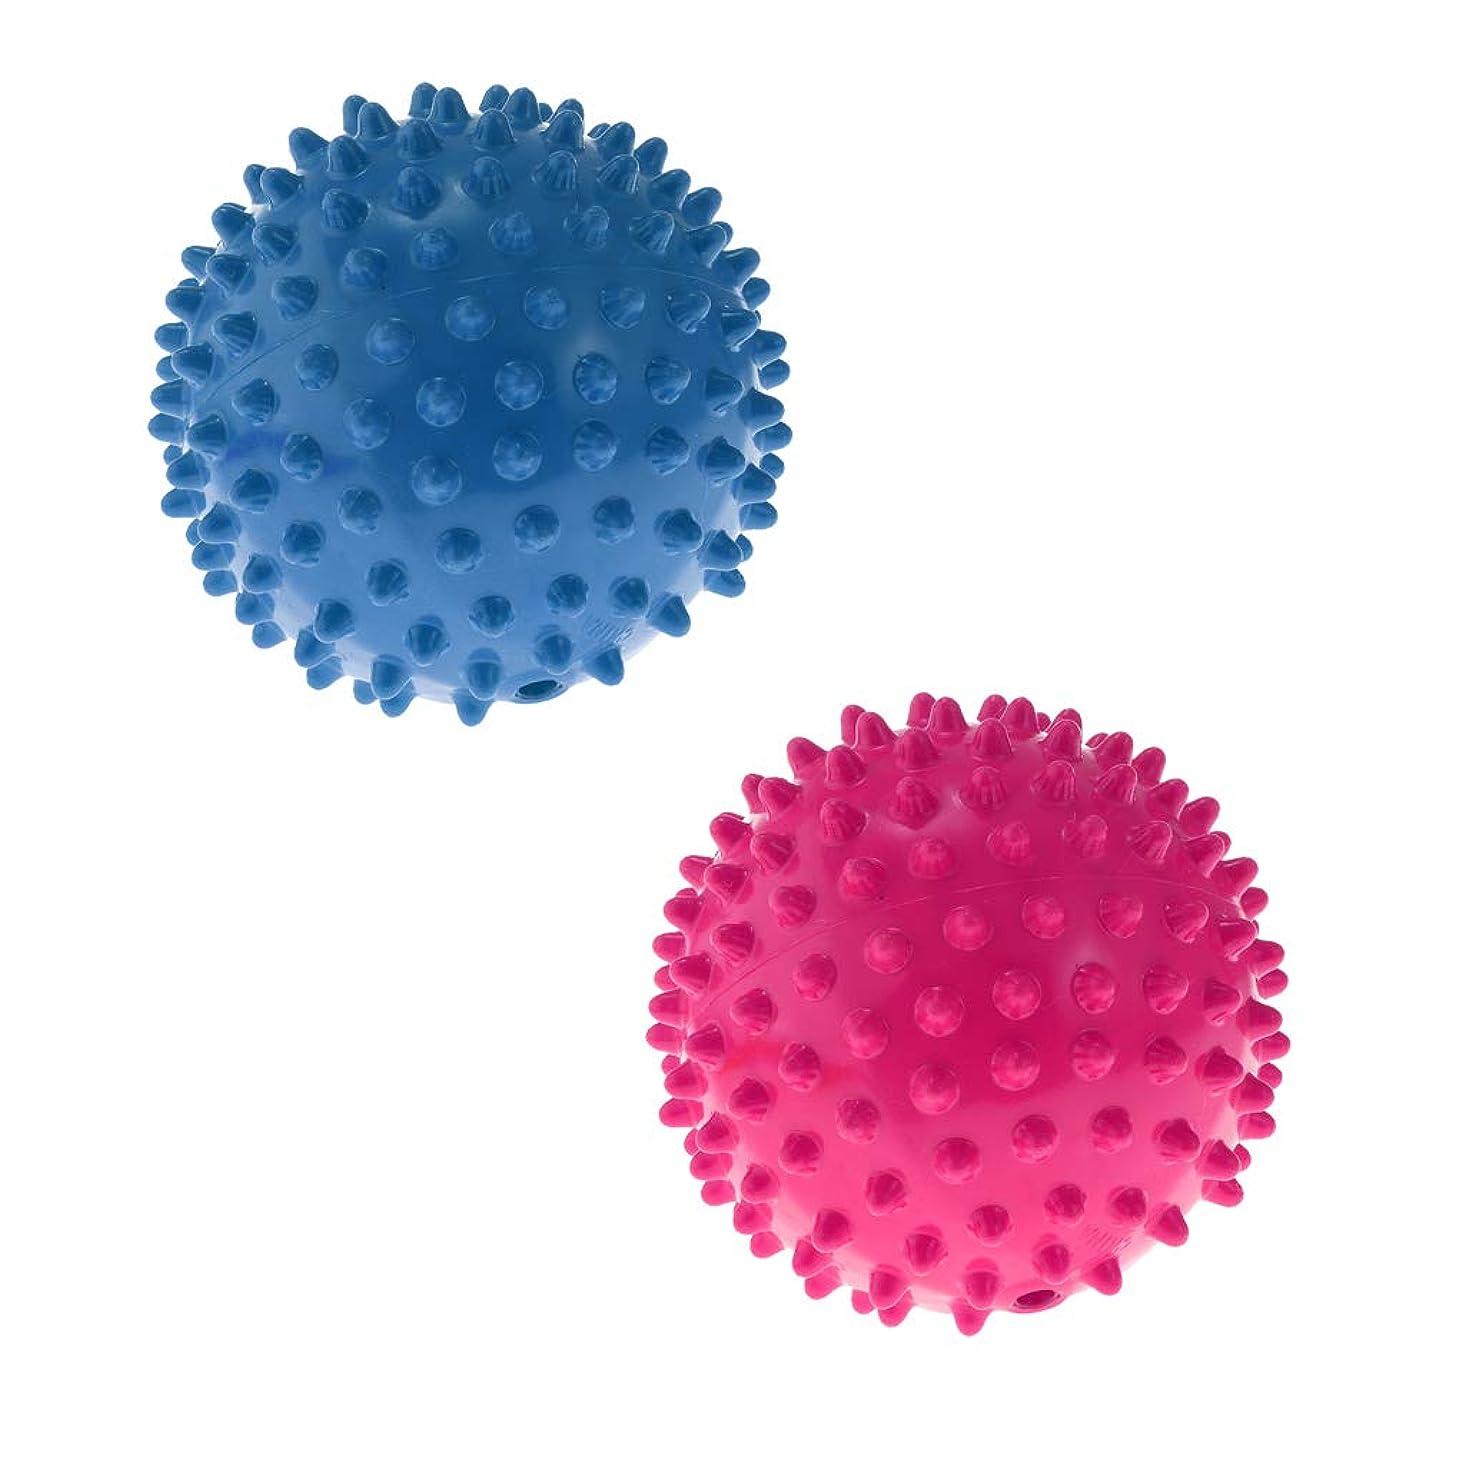 賭け大胆な適応DYNWAVE 指圧ボール 触覚ボール マッサージローラー ローラーボール 軽量 持ち運び便利 補助ツール 2ピース